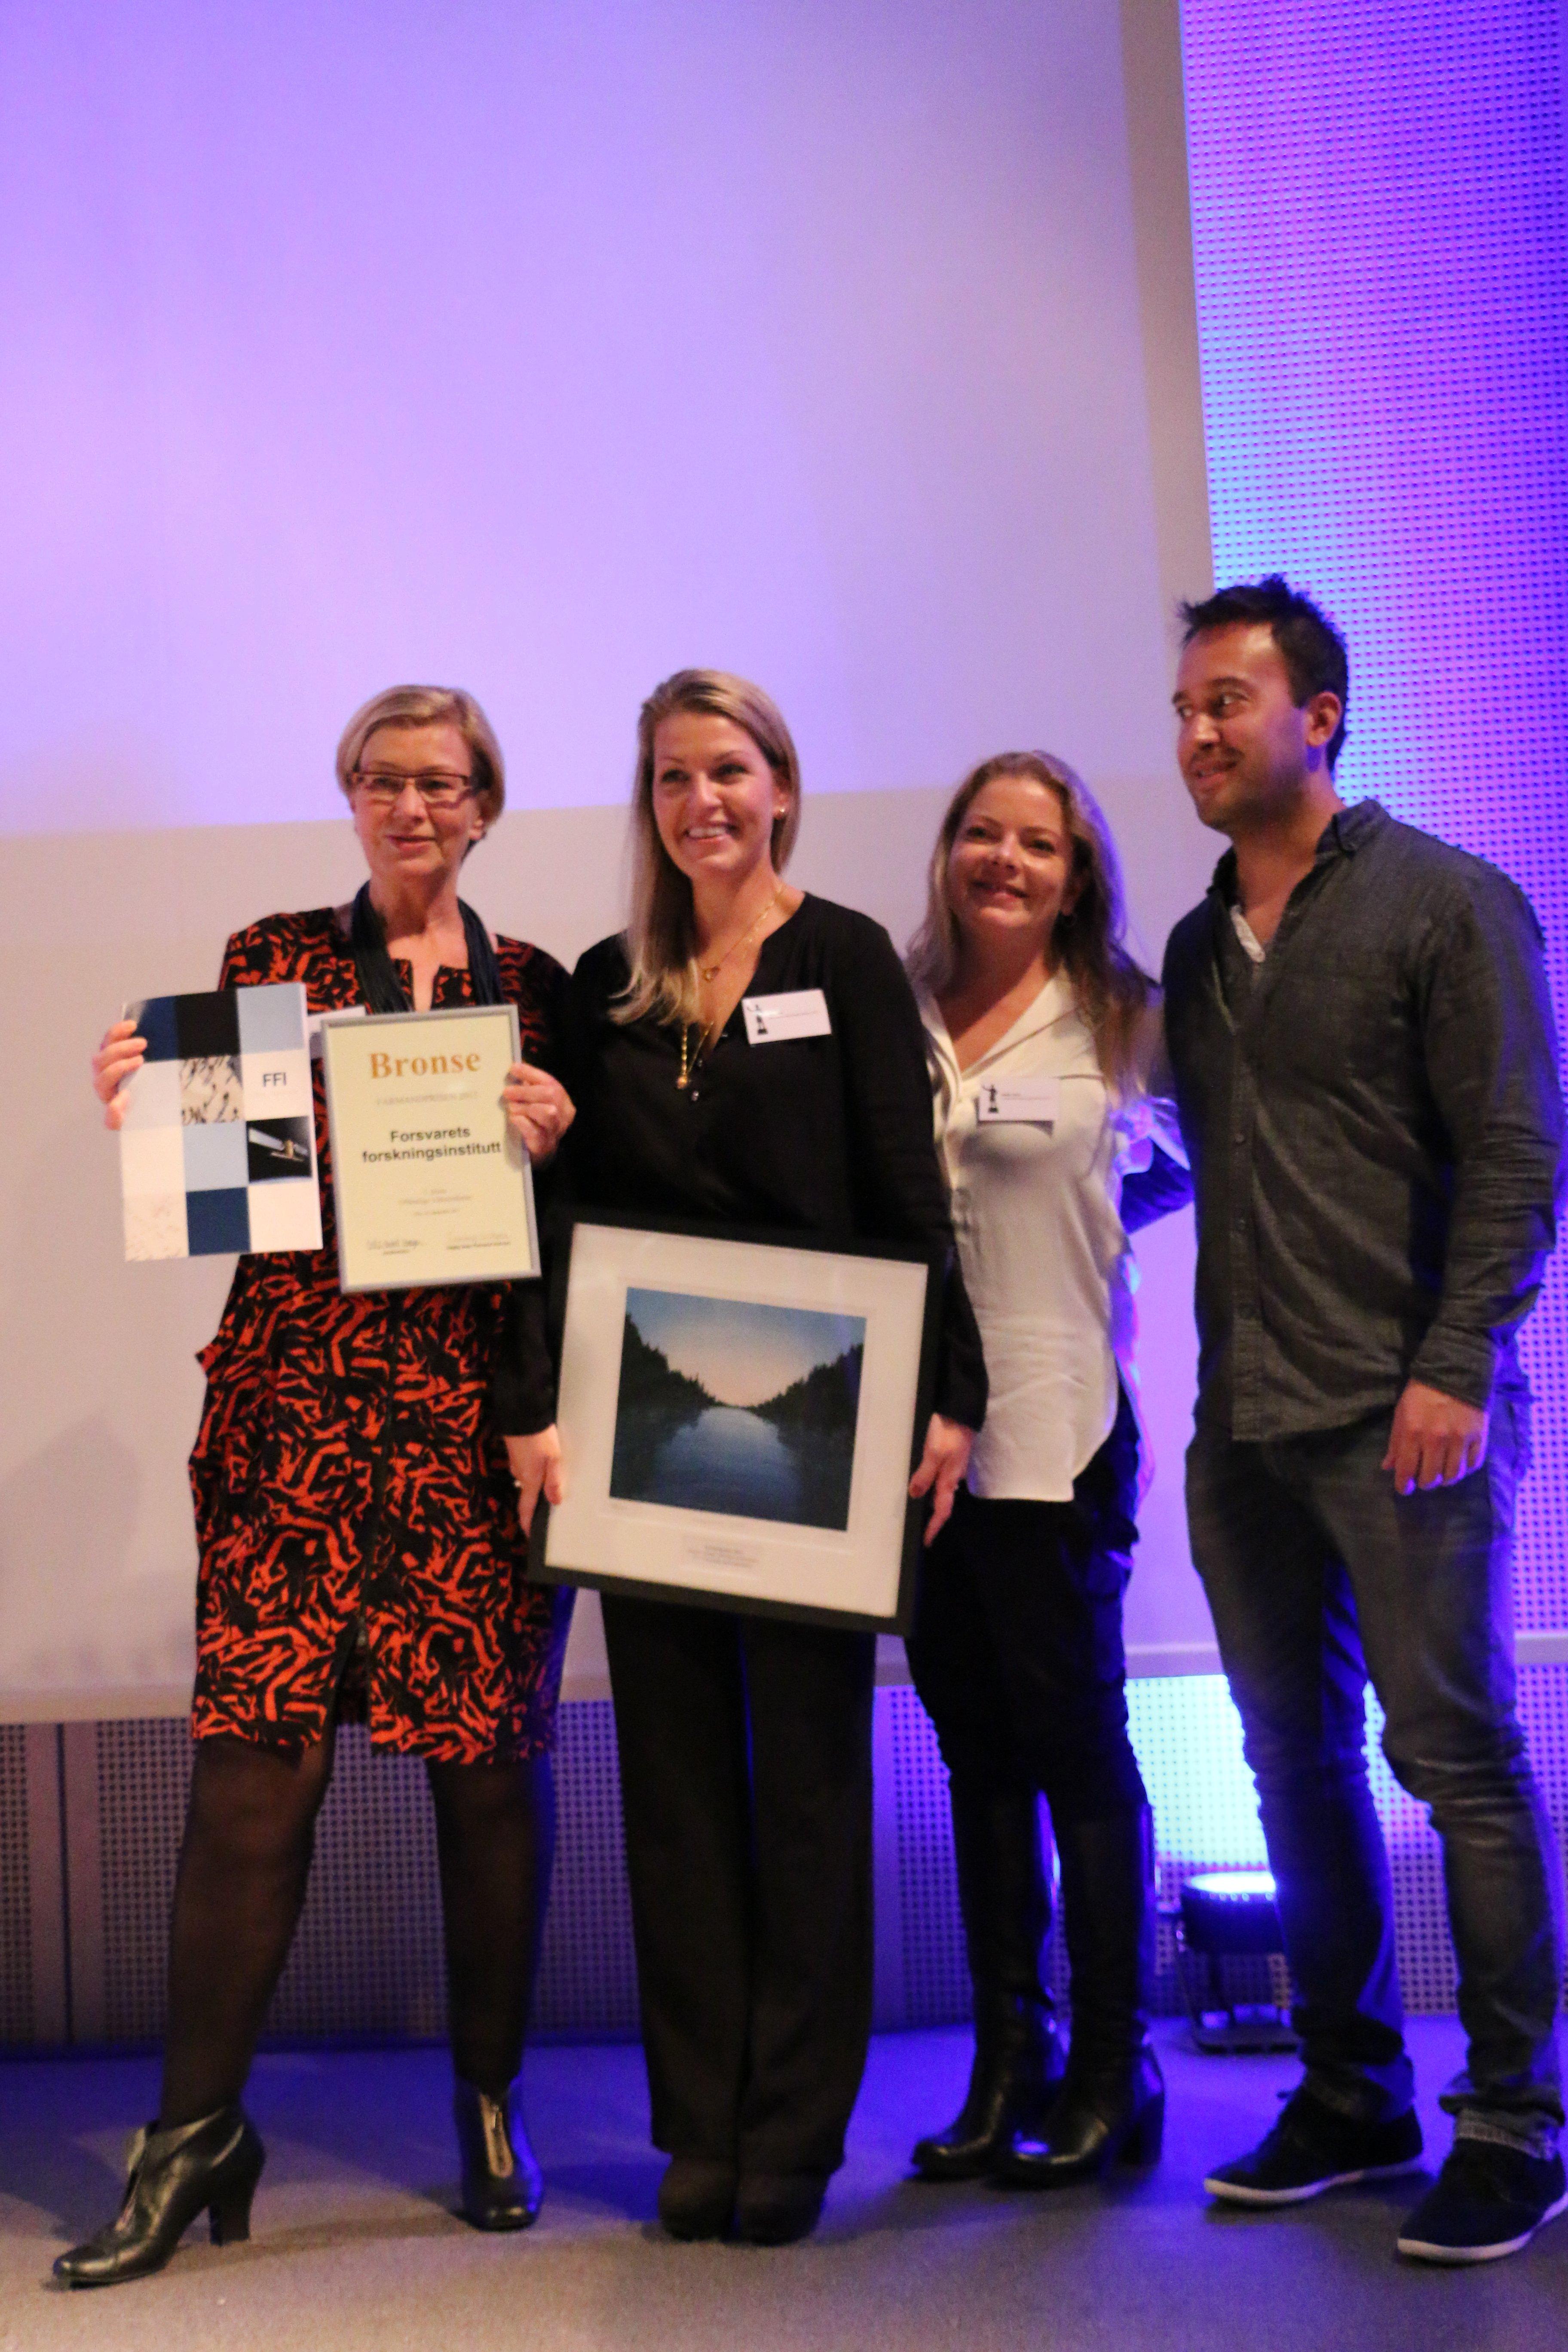 Farmandprisen Beste Årsrapport 2015 - Offentlige virksomheter nr 3: Forsvarets forskninginstitutt (FFI)